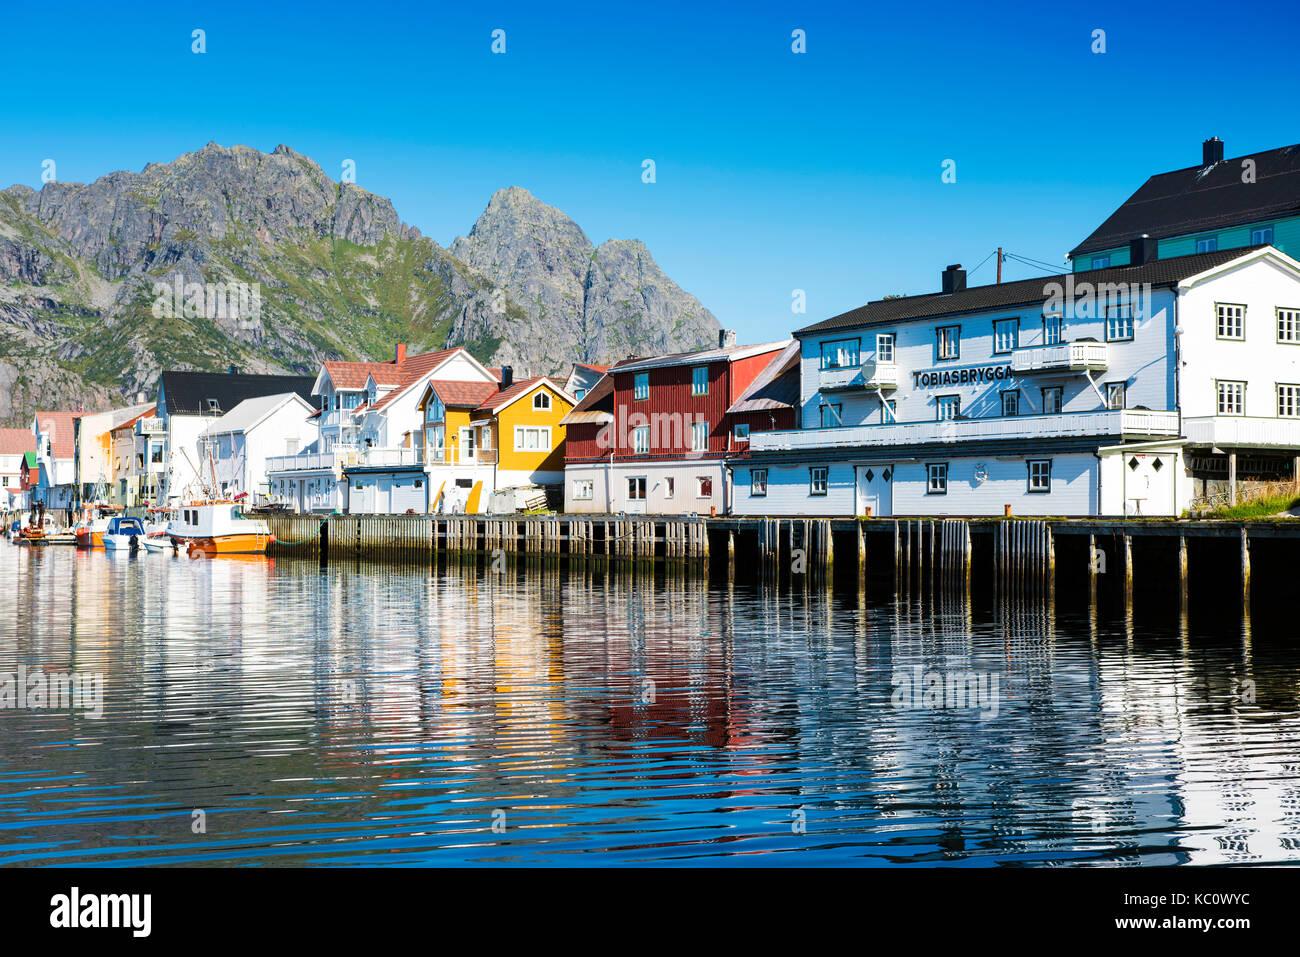 El pueblo pesquero de Henningsvaer, Lofoten, Noruega Imagen De Stock